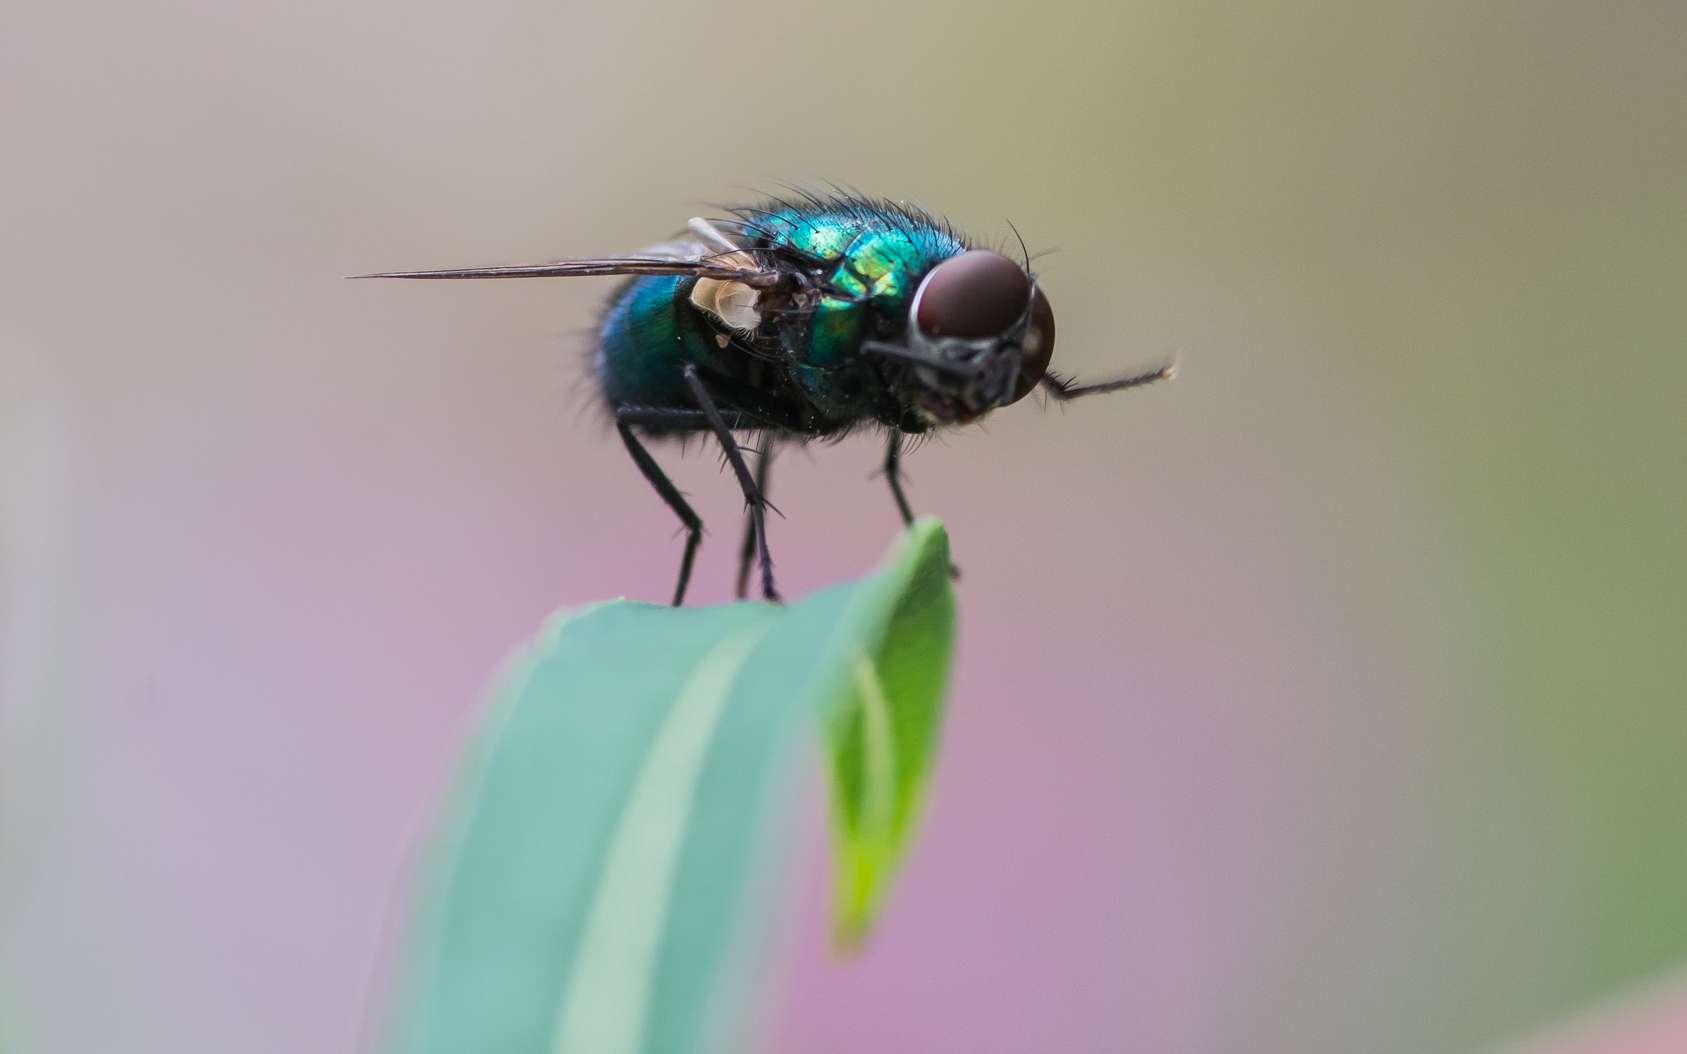 Les mouches se frottent les pattes pour nettoyer les poils sensoriels qui les recouvrent. © Matthew, fotolia